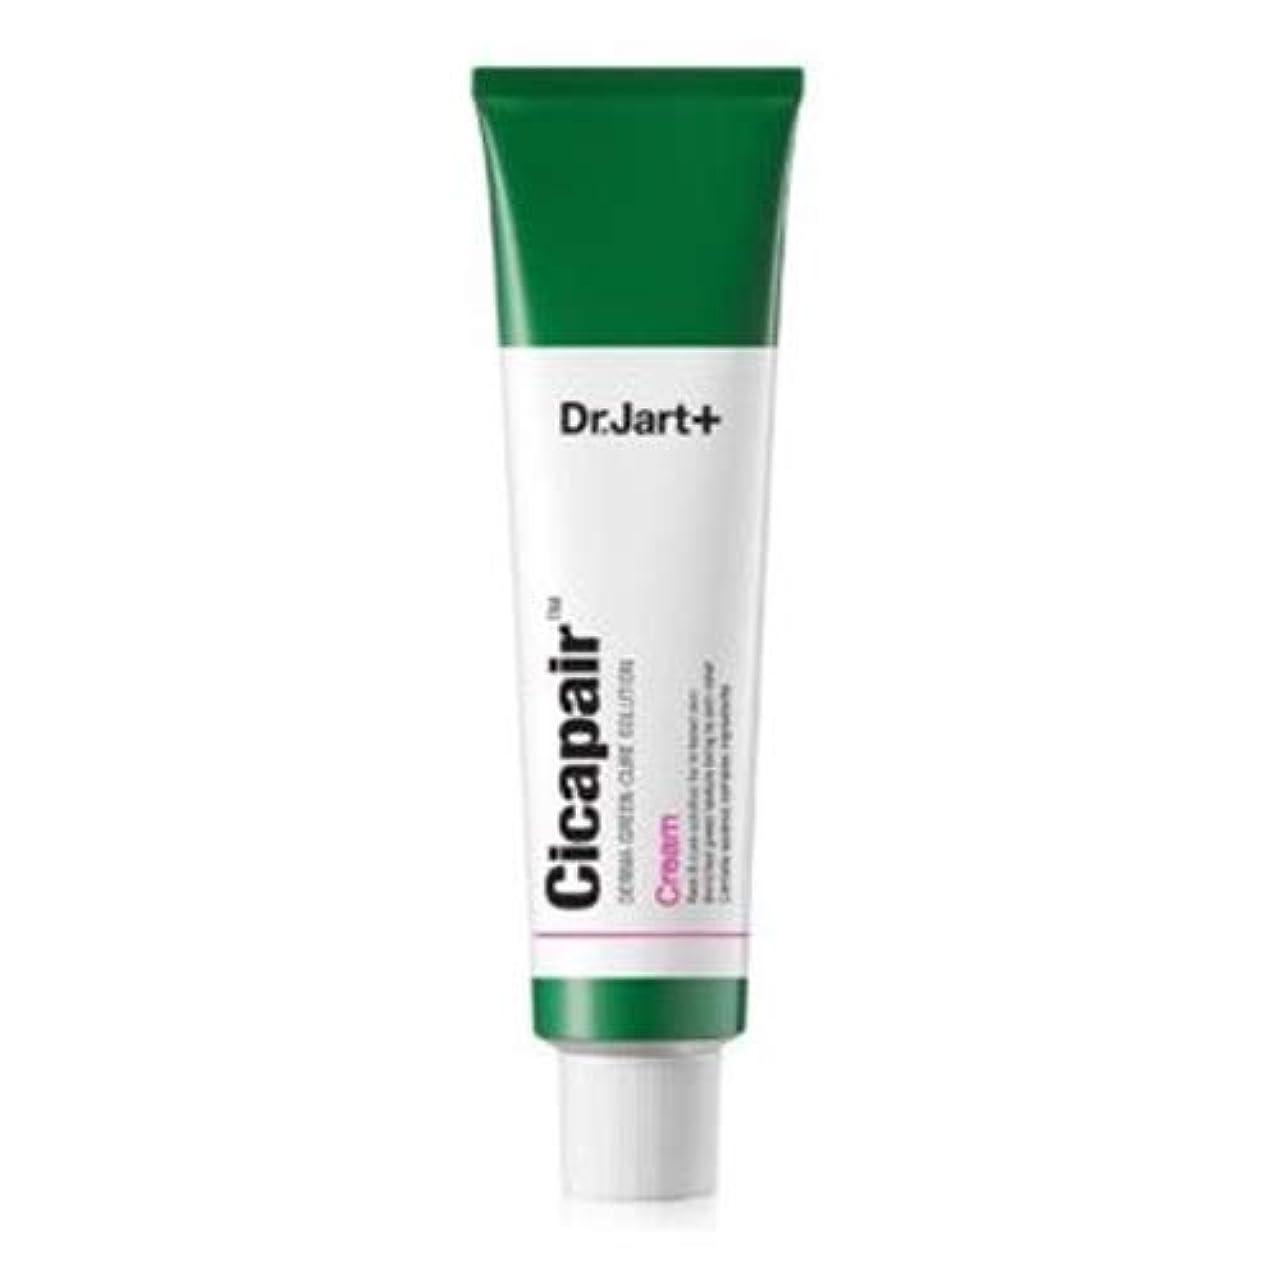 パッドファセット湿度[Dr.Jart+ Cicapair Cream + ReCover] ドクタージャルトシカペアクリーム50mlとリカバーセット韓国直送 [並行輸入品]